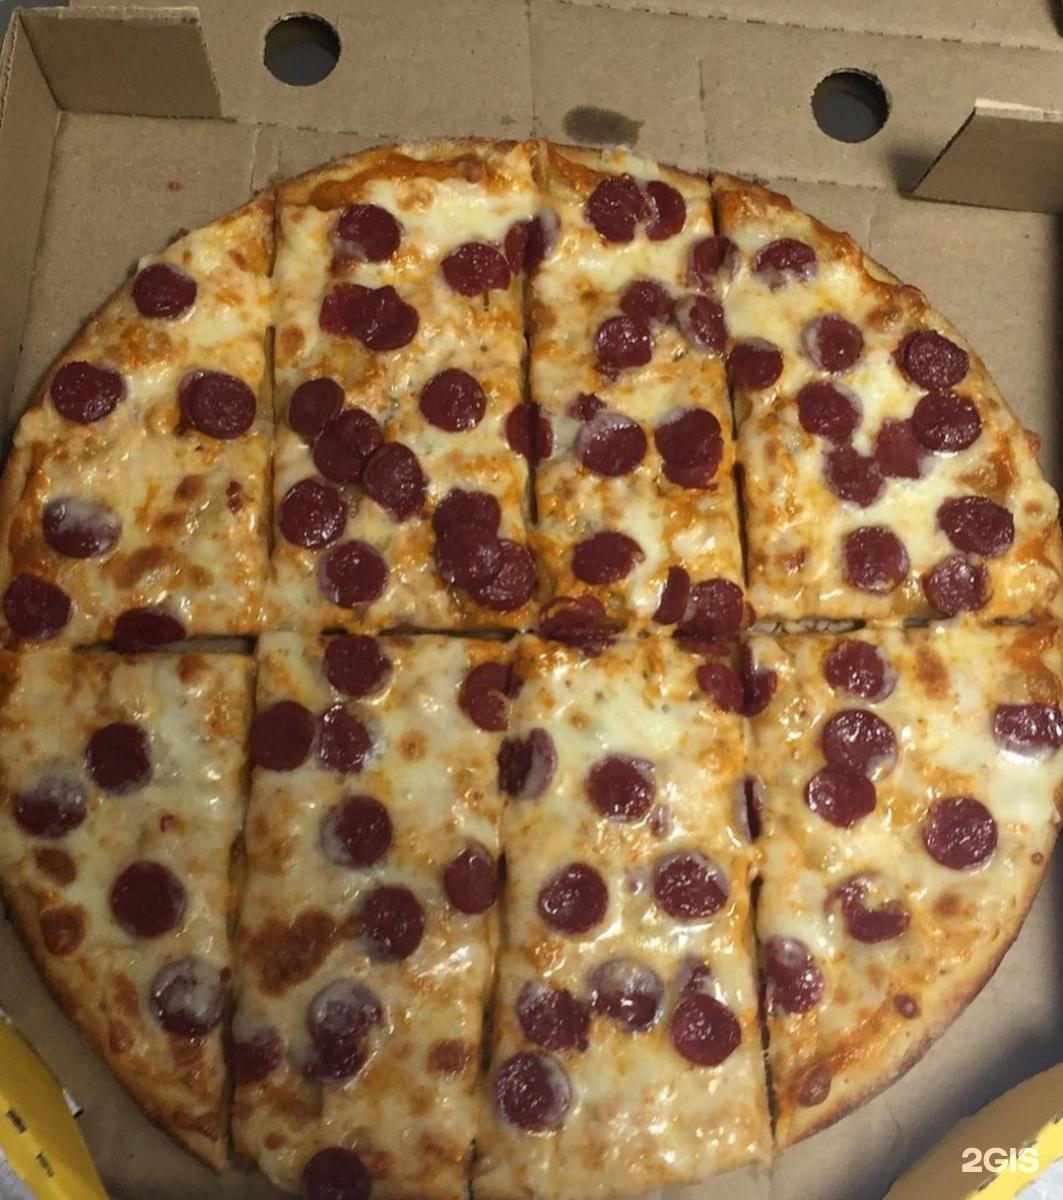 Пицца в картинках цена додо пицца ленинск кузнецкий, пятницей удачной пятницы